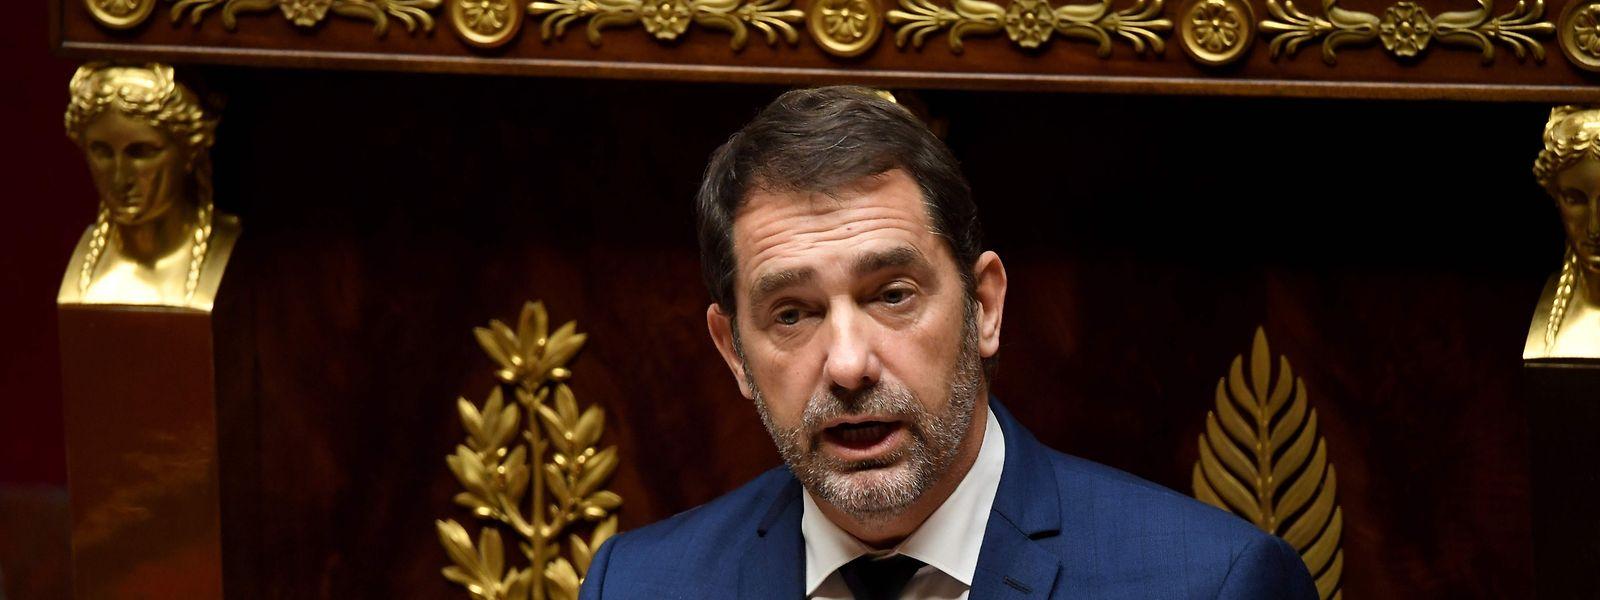 Christophe Castaner sprach am Montag vor der Assemblée Nationale.